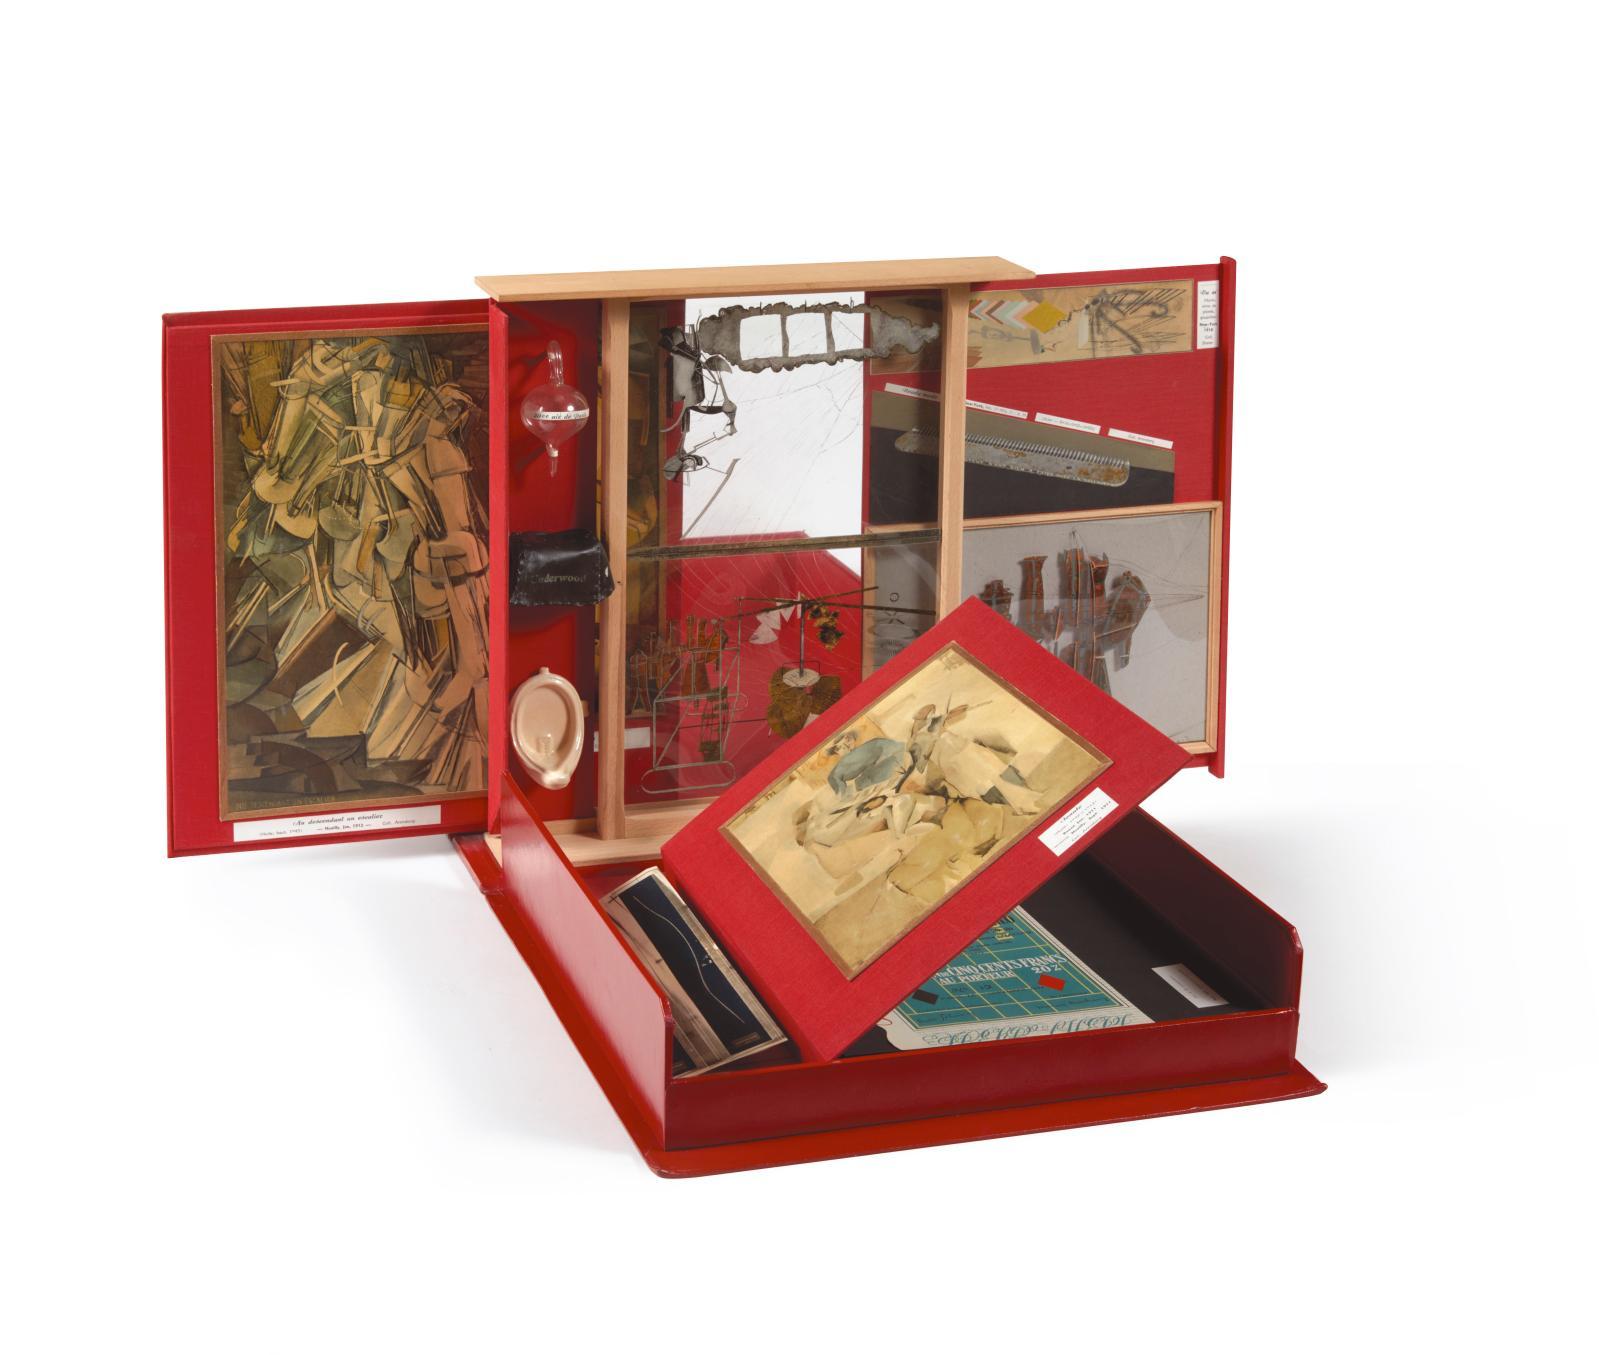 Marcel Duchamp (1887-1968), de ou par Marcel Duchamp ou Rrose Sélavy, La Boîte-en-valise, Paris-Milan, 1966, boîte en carton avec couvertu